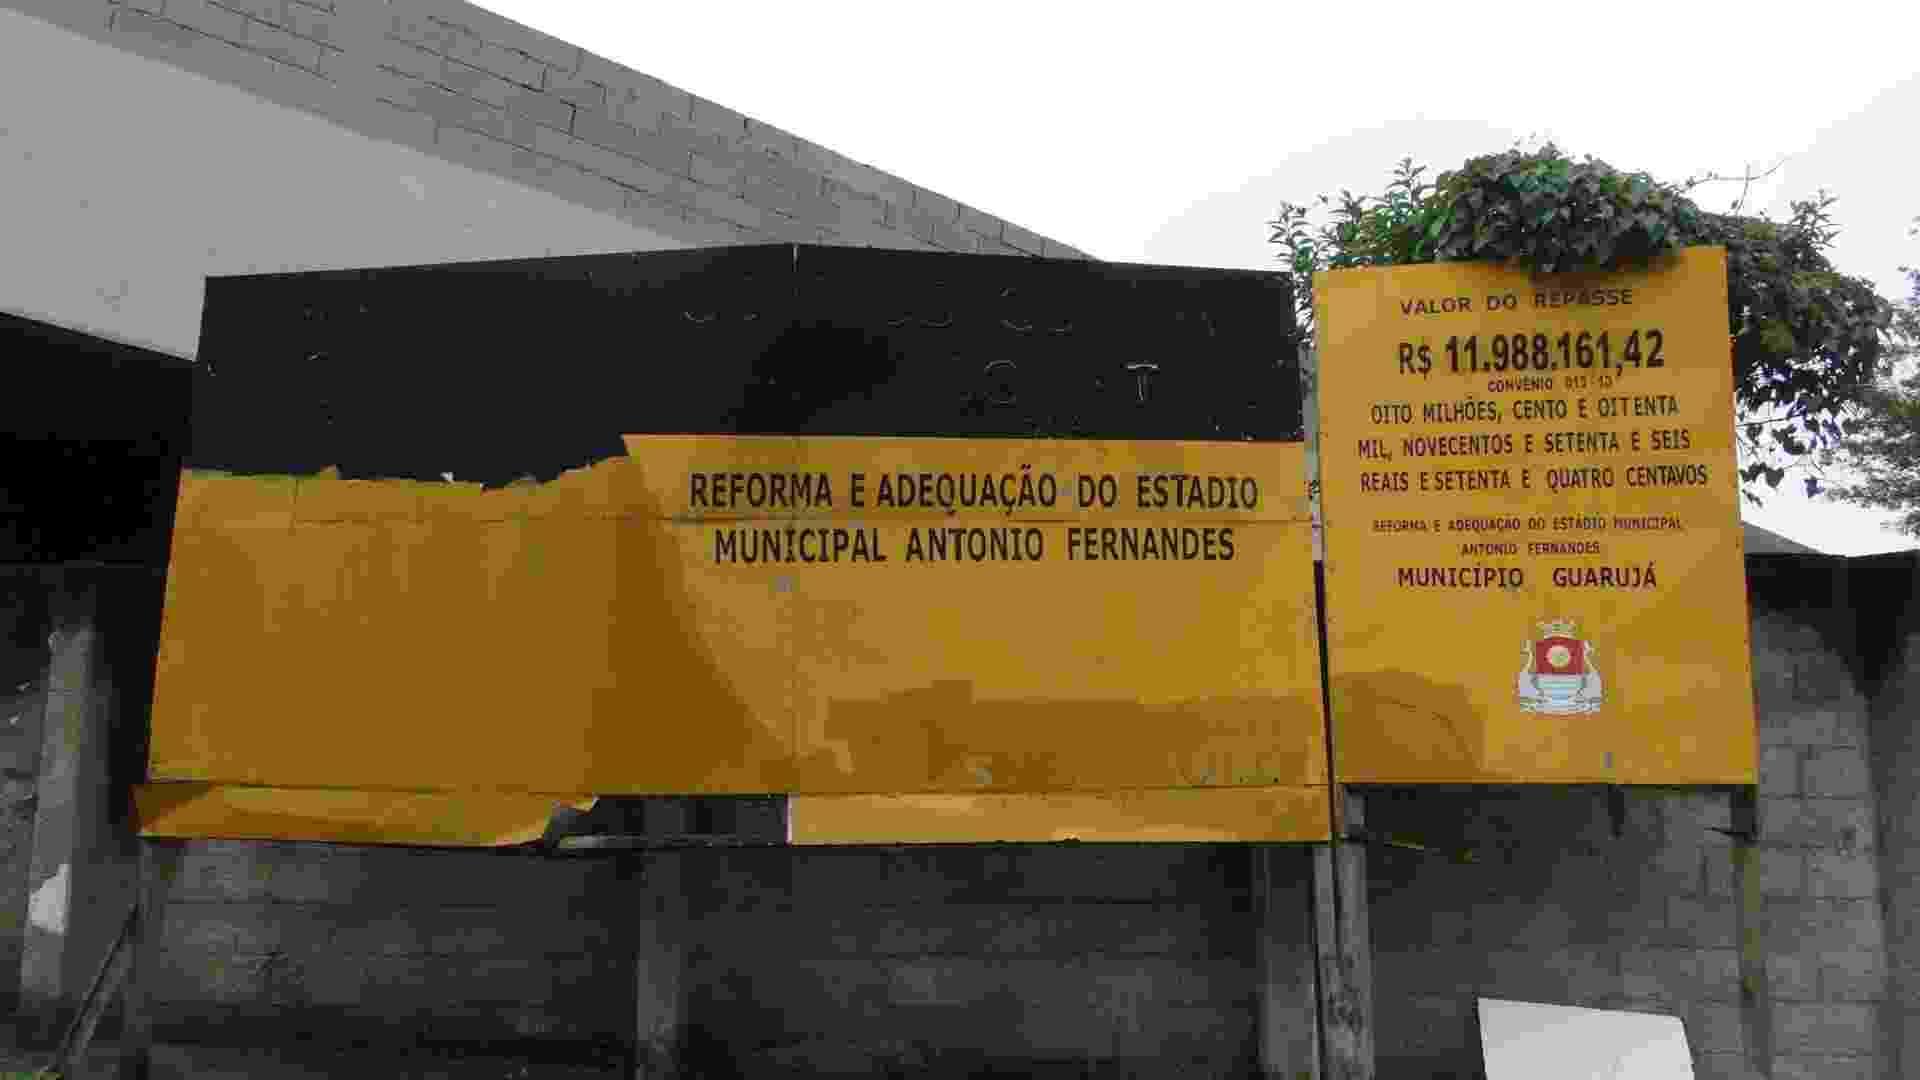 Até as placas (do governo estadual) da obra que deveria ter ficado pronta há mais de um ano já estão deteriorando - Samir Carvalho/UOL